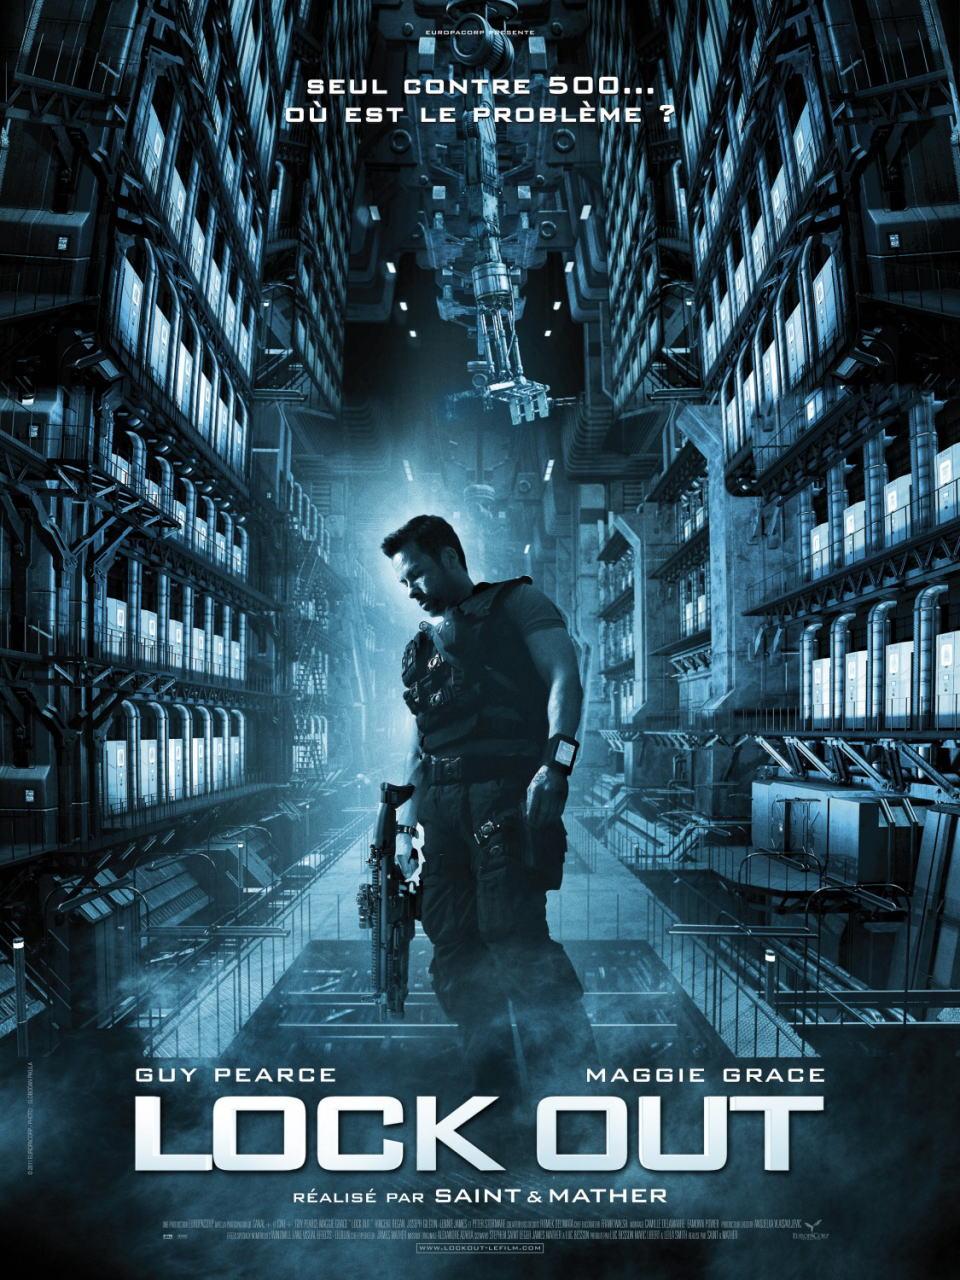 映画『ロックアウト LOCKOUT』ポスター(2)▼ポスター画像クリックで拡大します。